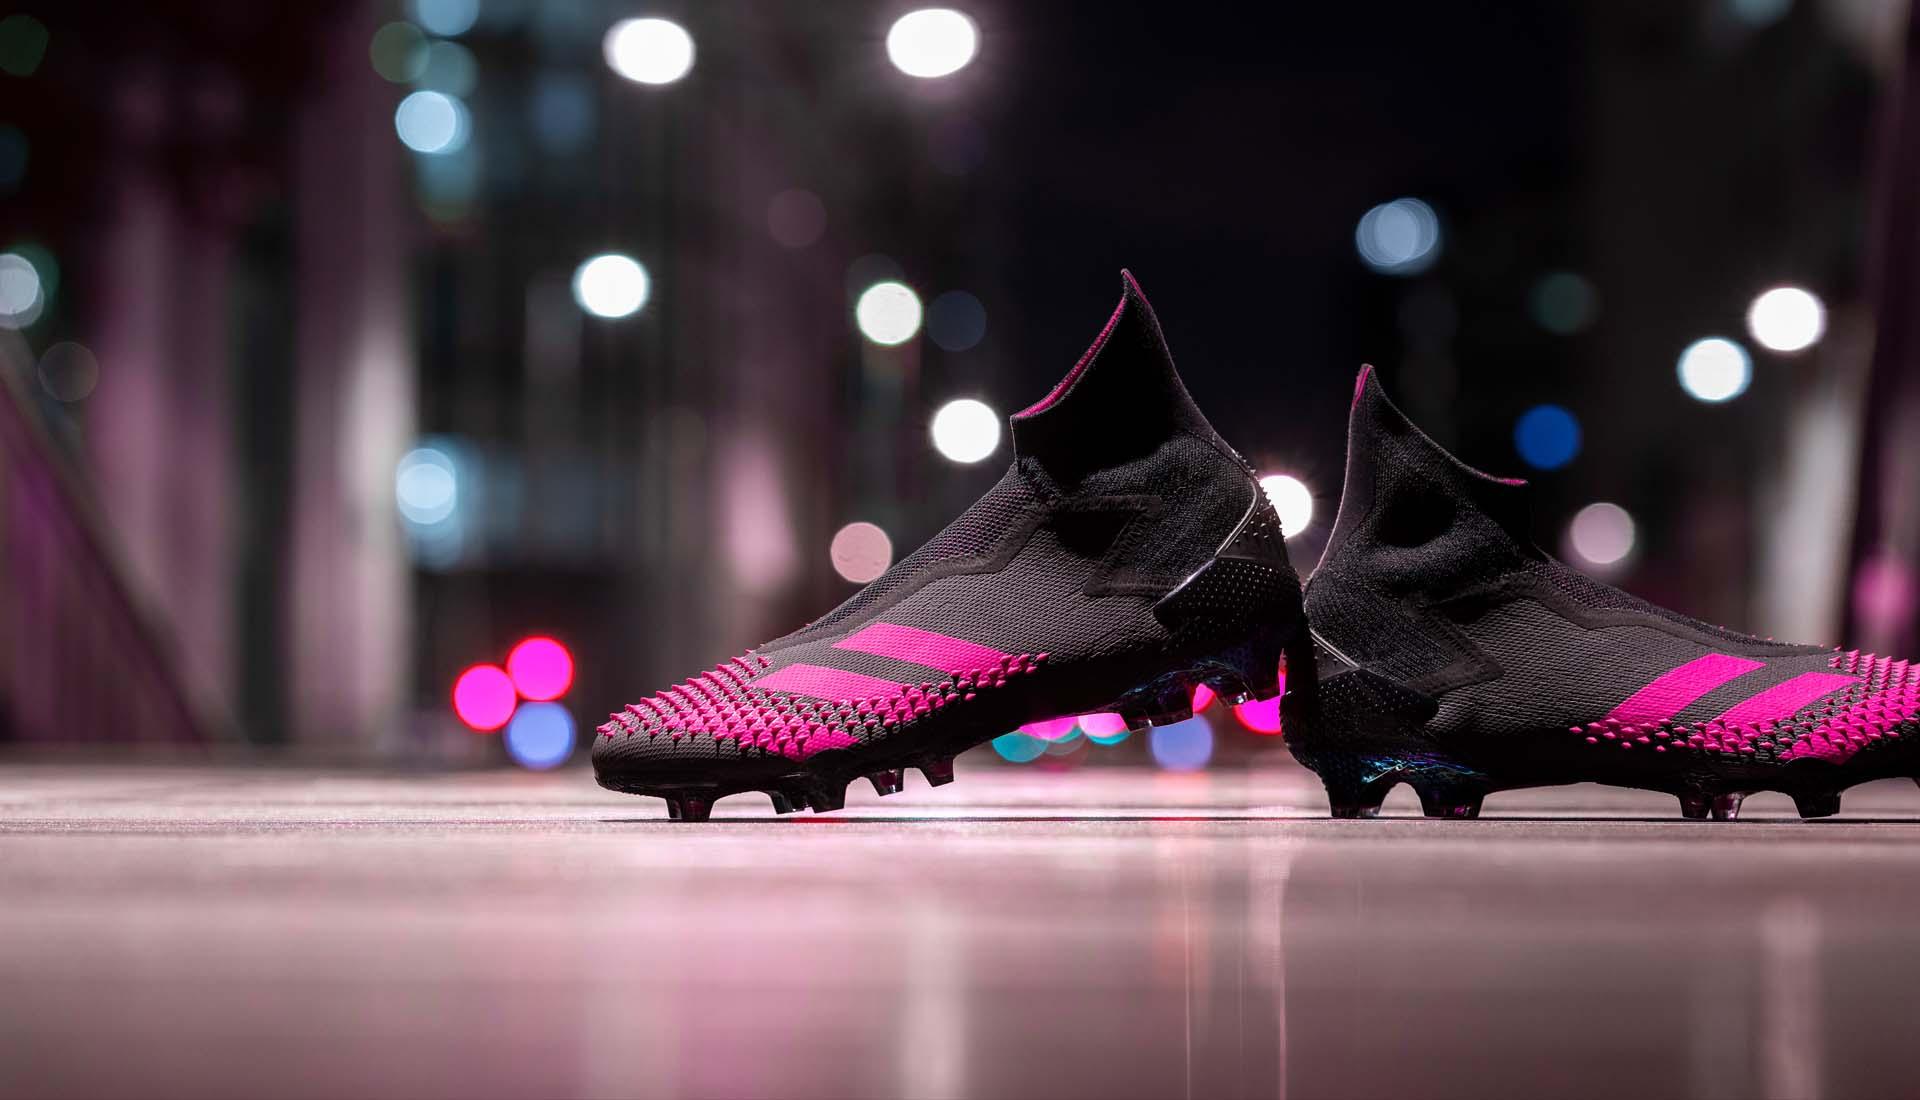 Predator 20+ FG màu đen với các thiết kế điểm nhấn màu hồng đẹp mắt